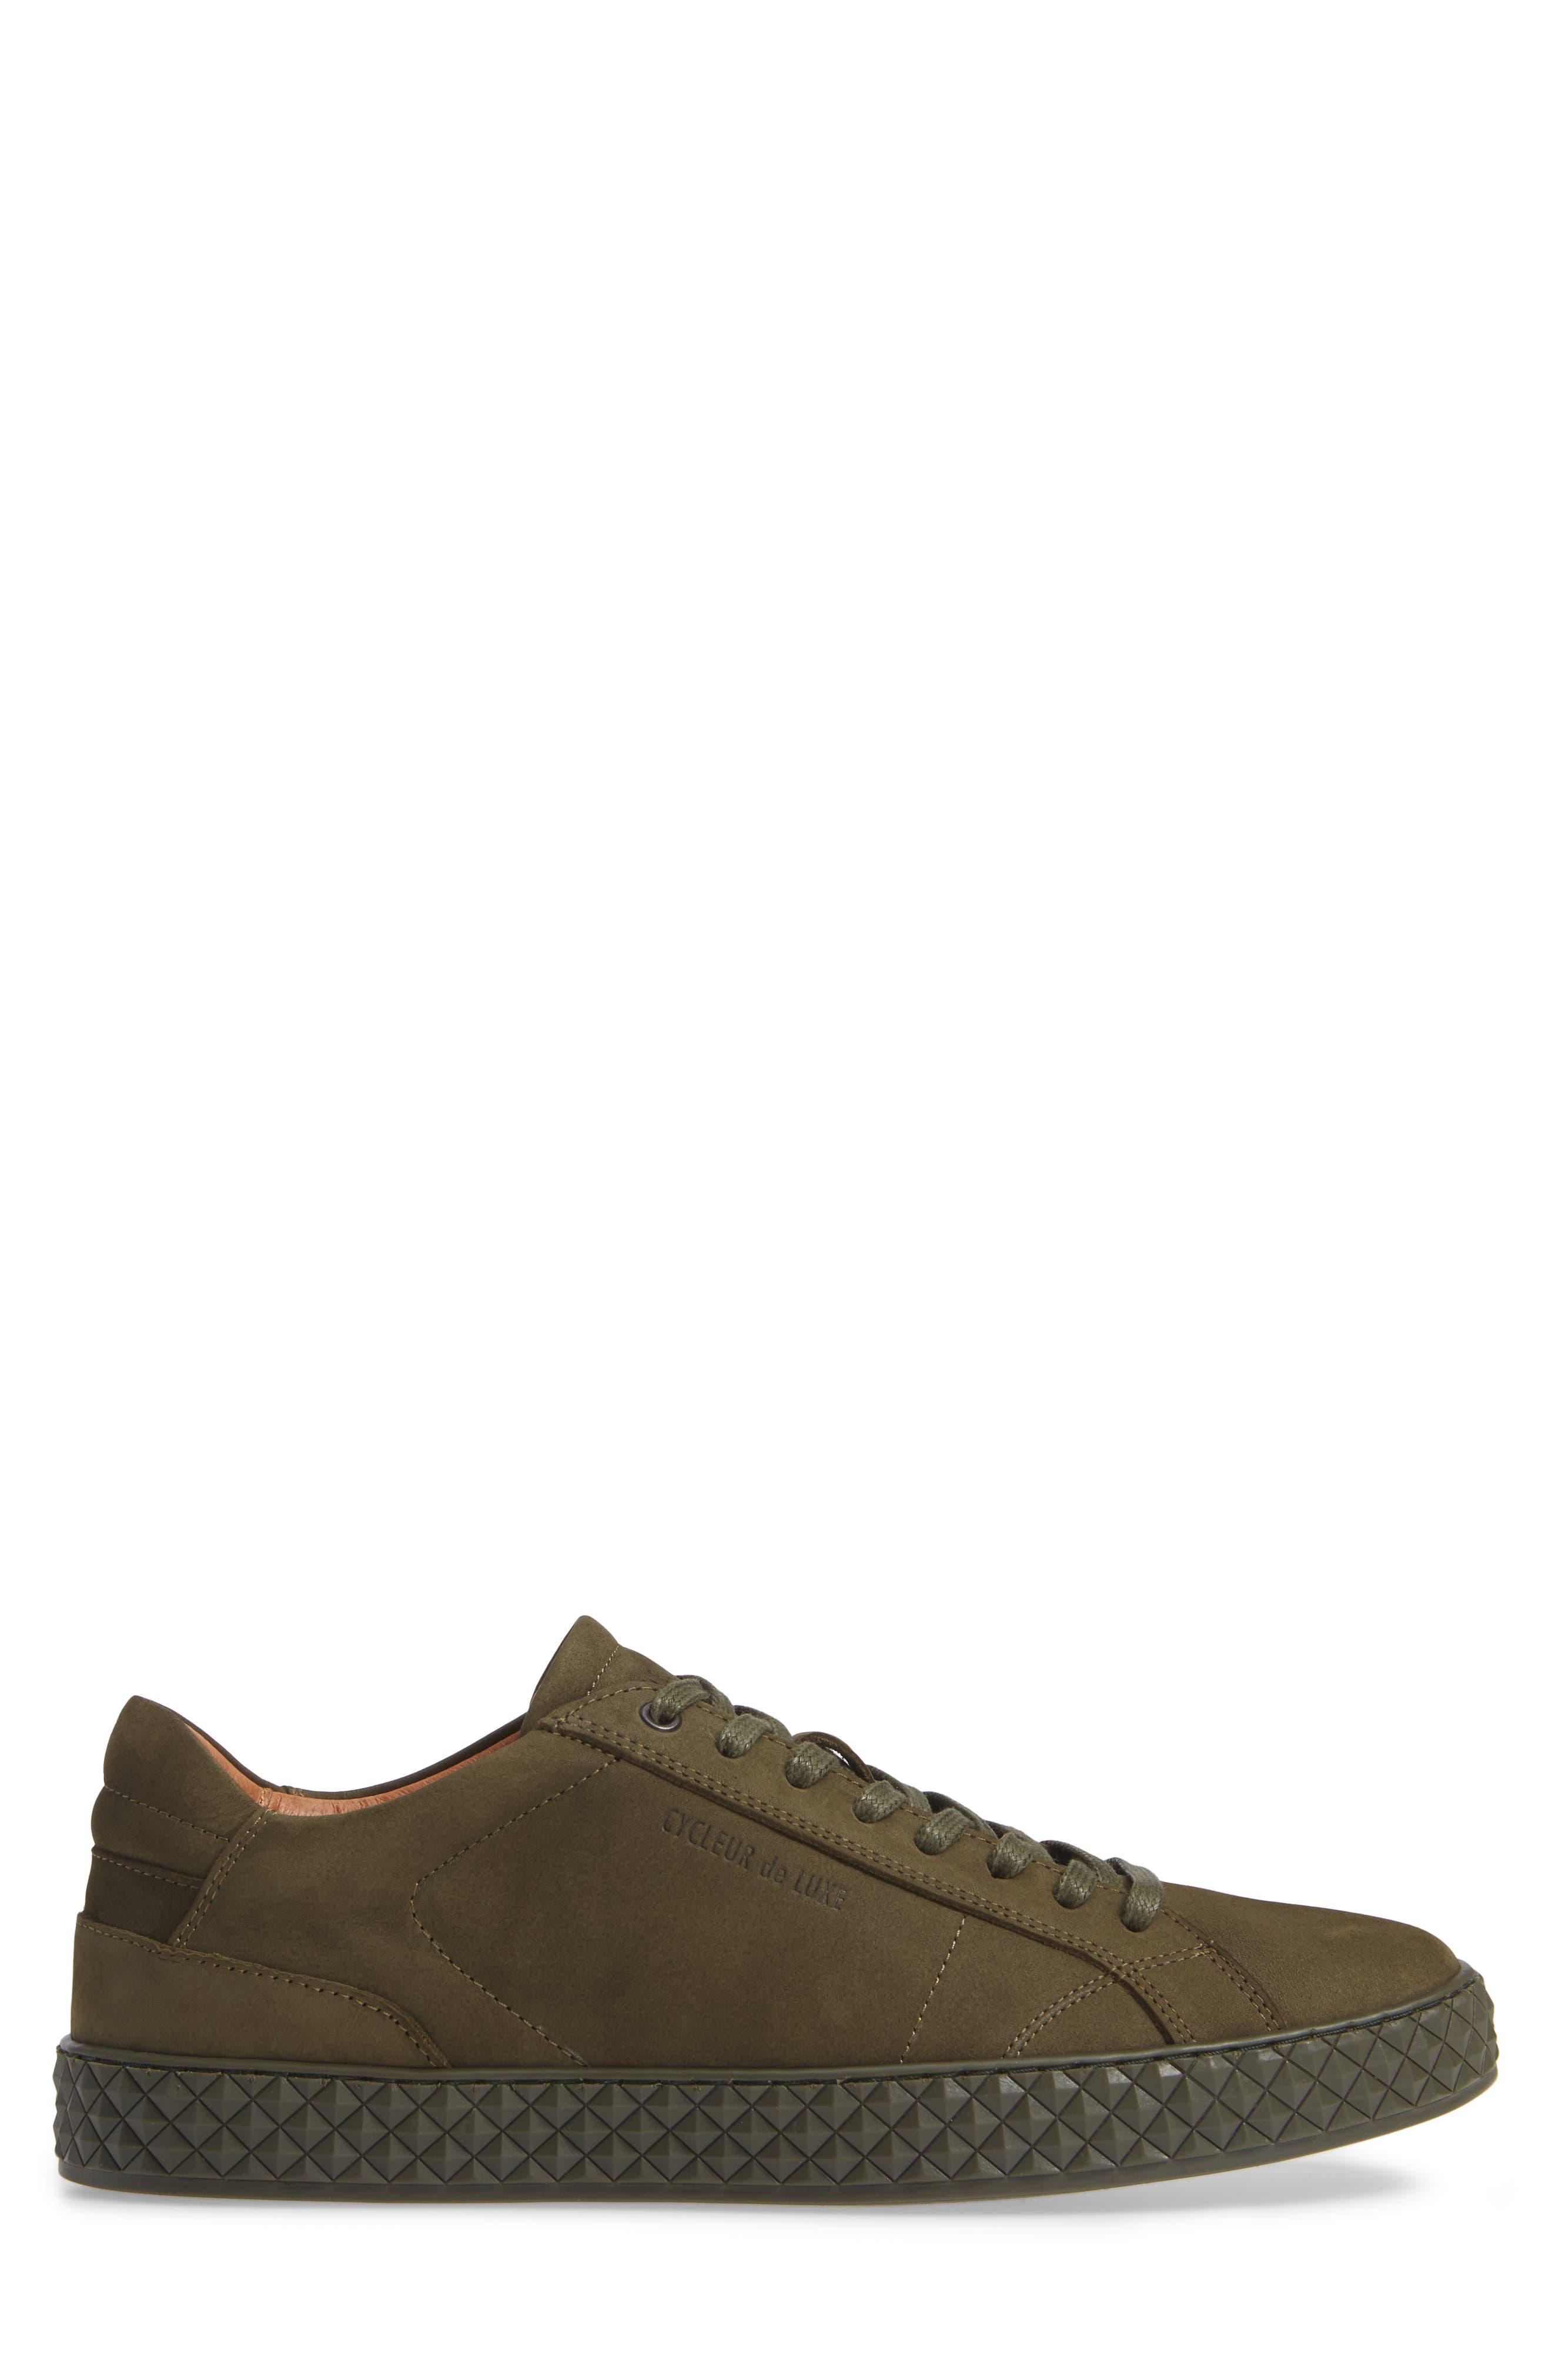 Bratislava Low Top Sneaker,                             Alternate thumbnail 3, color,                             MILITARY GREEN